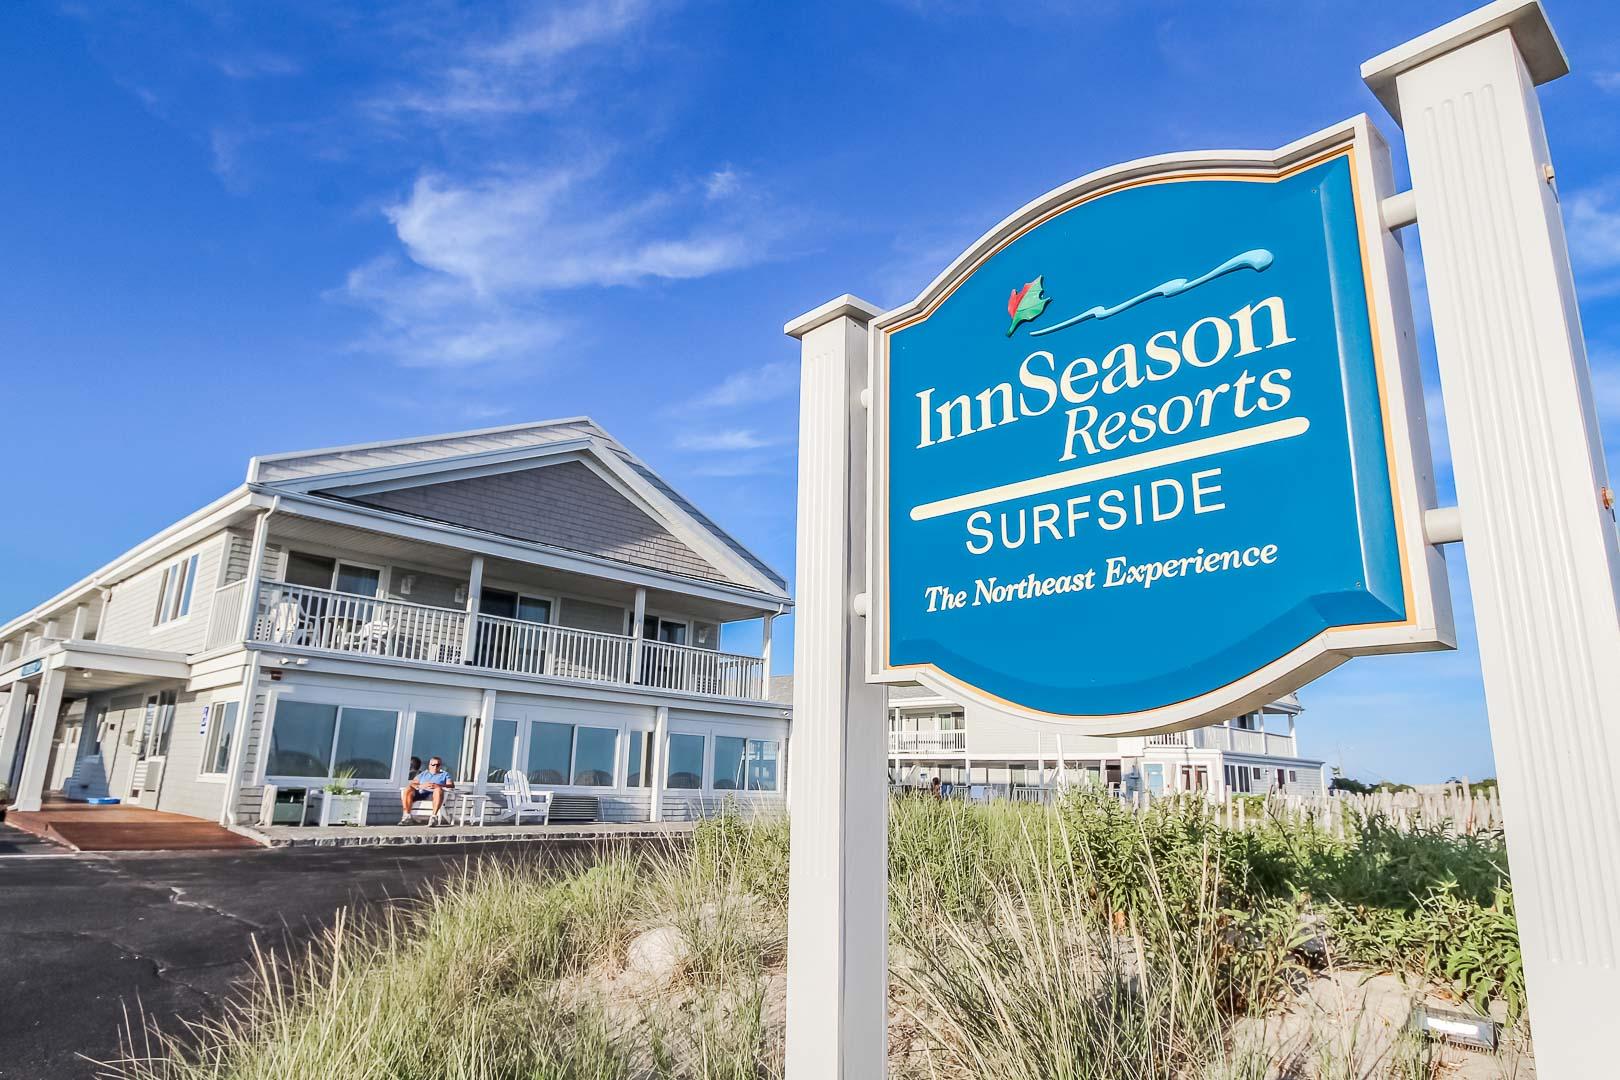 Surfside Resort Signage